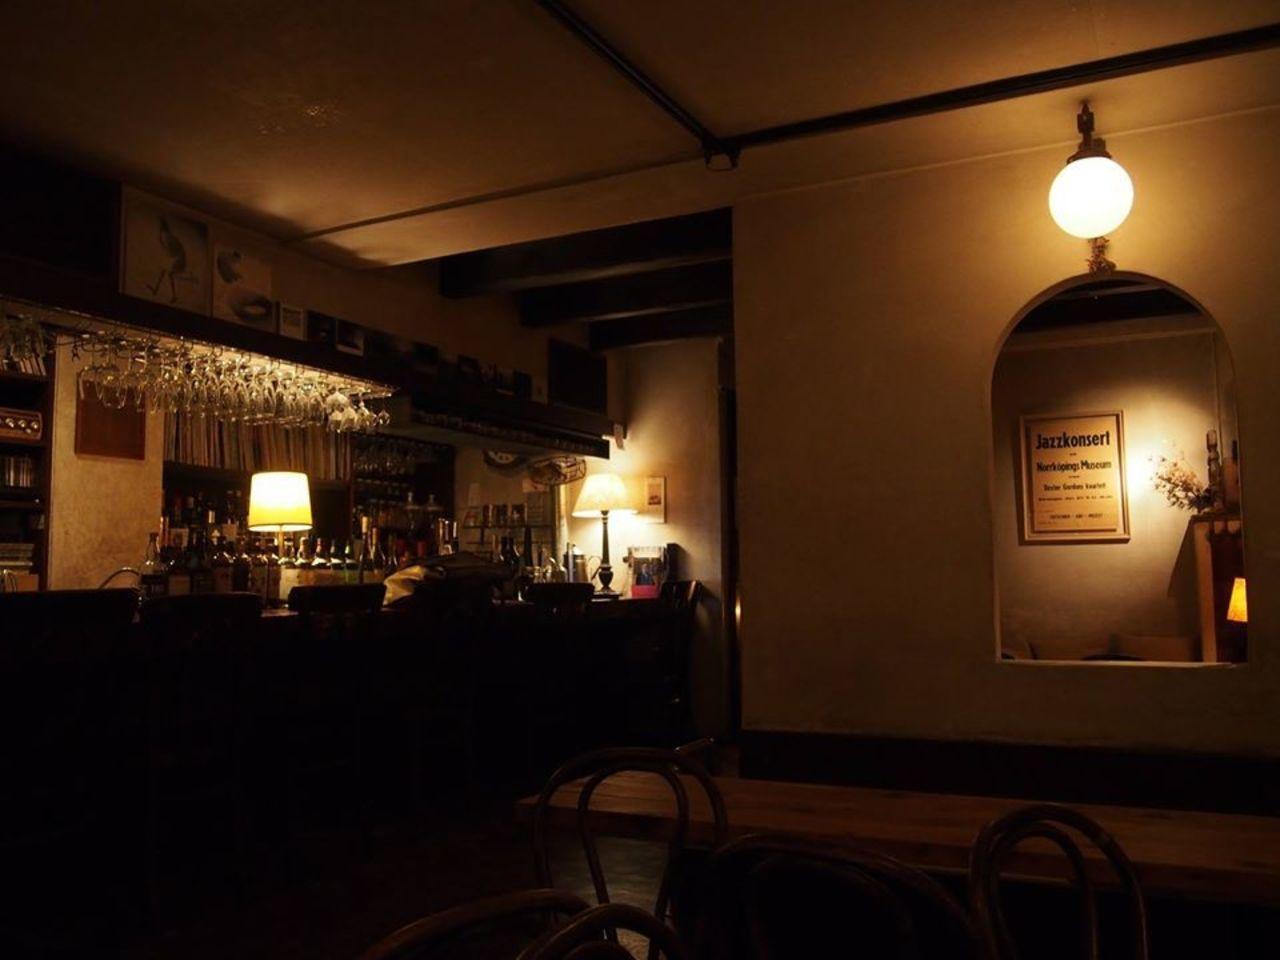 成城の街に佇む隠れ家的なカフェ&バー...東京都世田谷区成城6丁目の「カフェ・ブールマン」